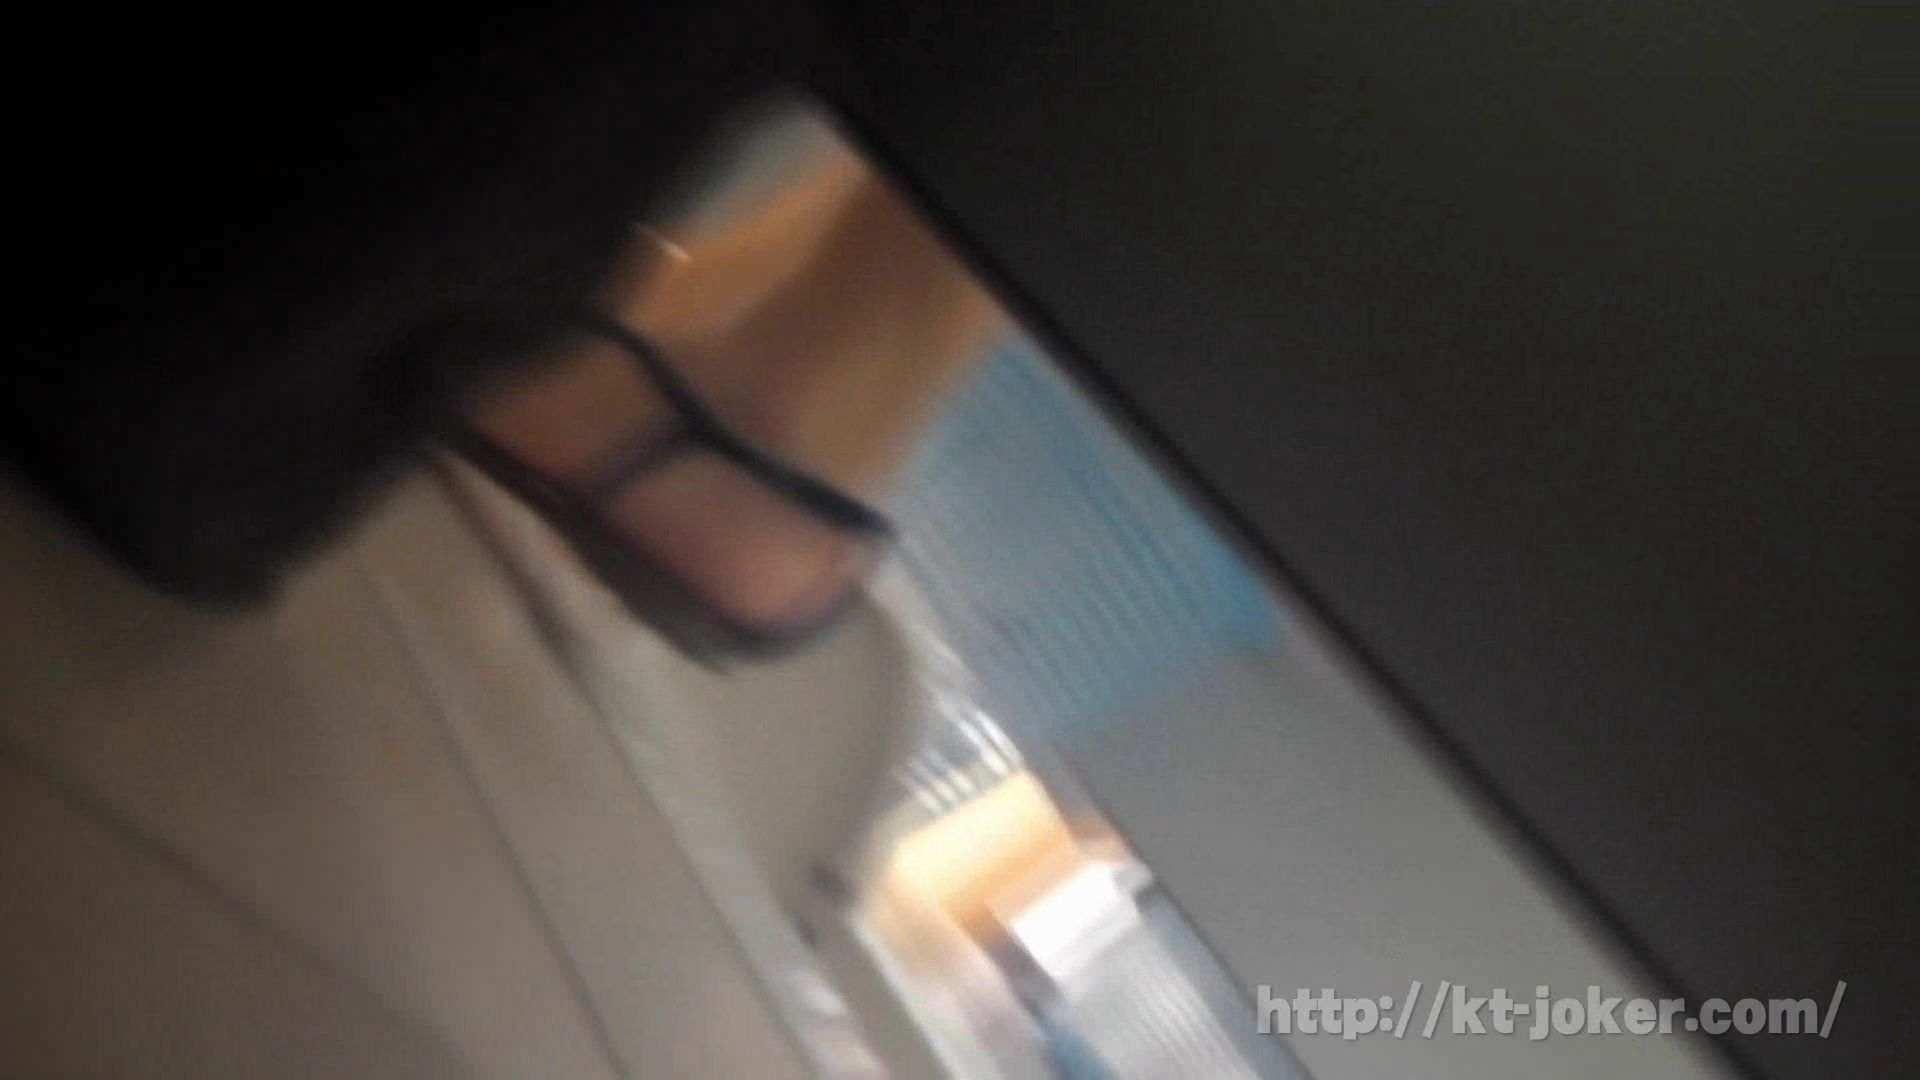 命がけ潜伏洗面所! vol.71 典型的な韓国人美女登場!! 洗面所 盗撮セックス無修正動画無料 97pic 26